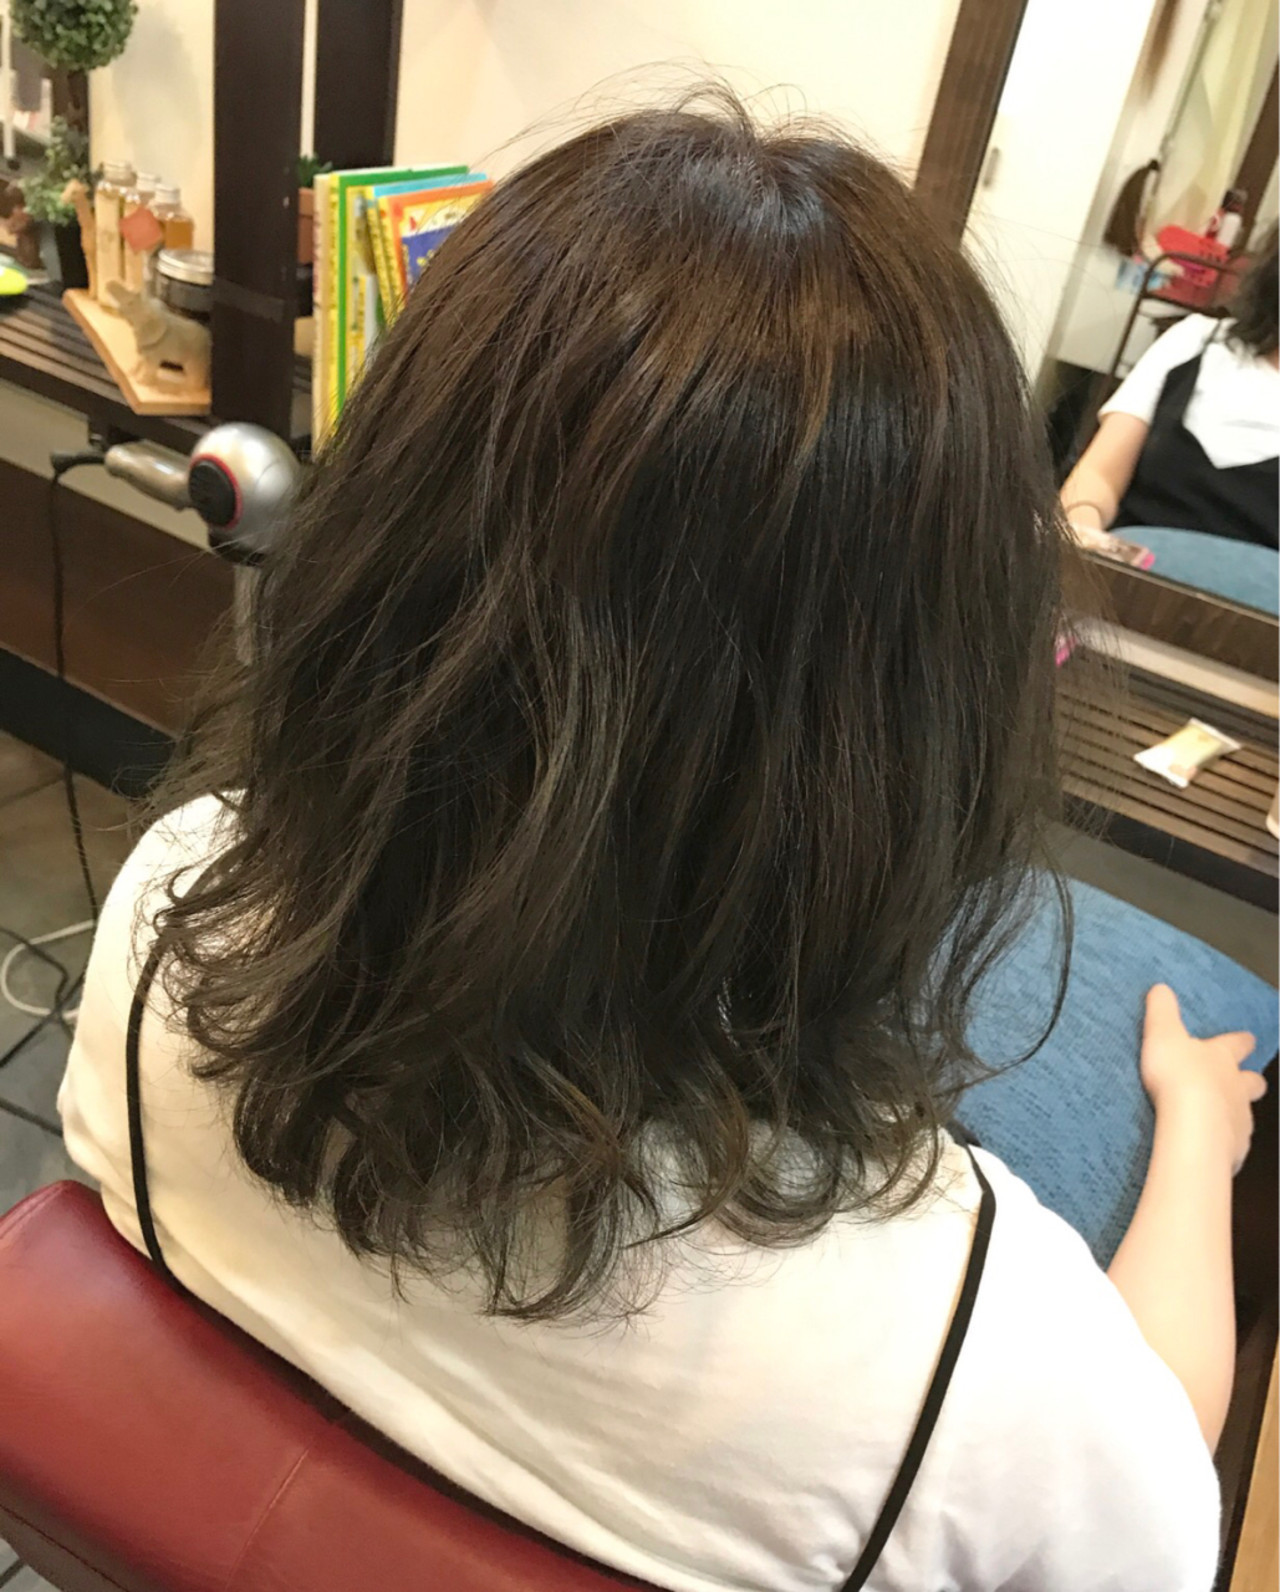 グレージュで落ち着いた雰囲気に仕上げて 桝田 由佳 | vicus hair